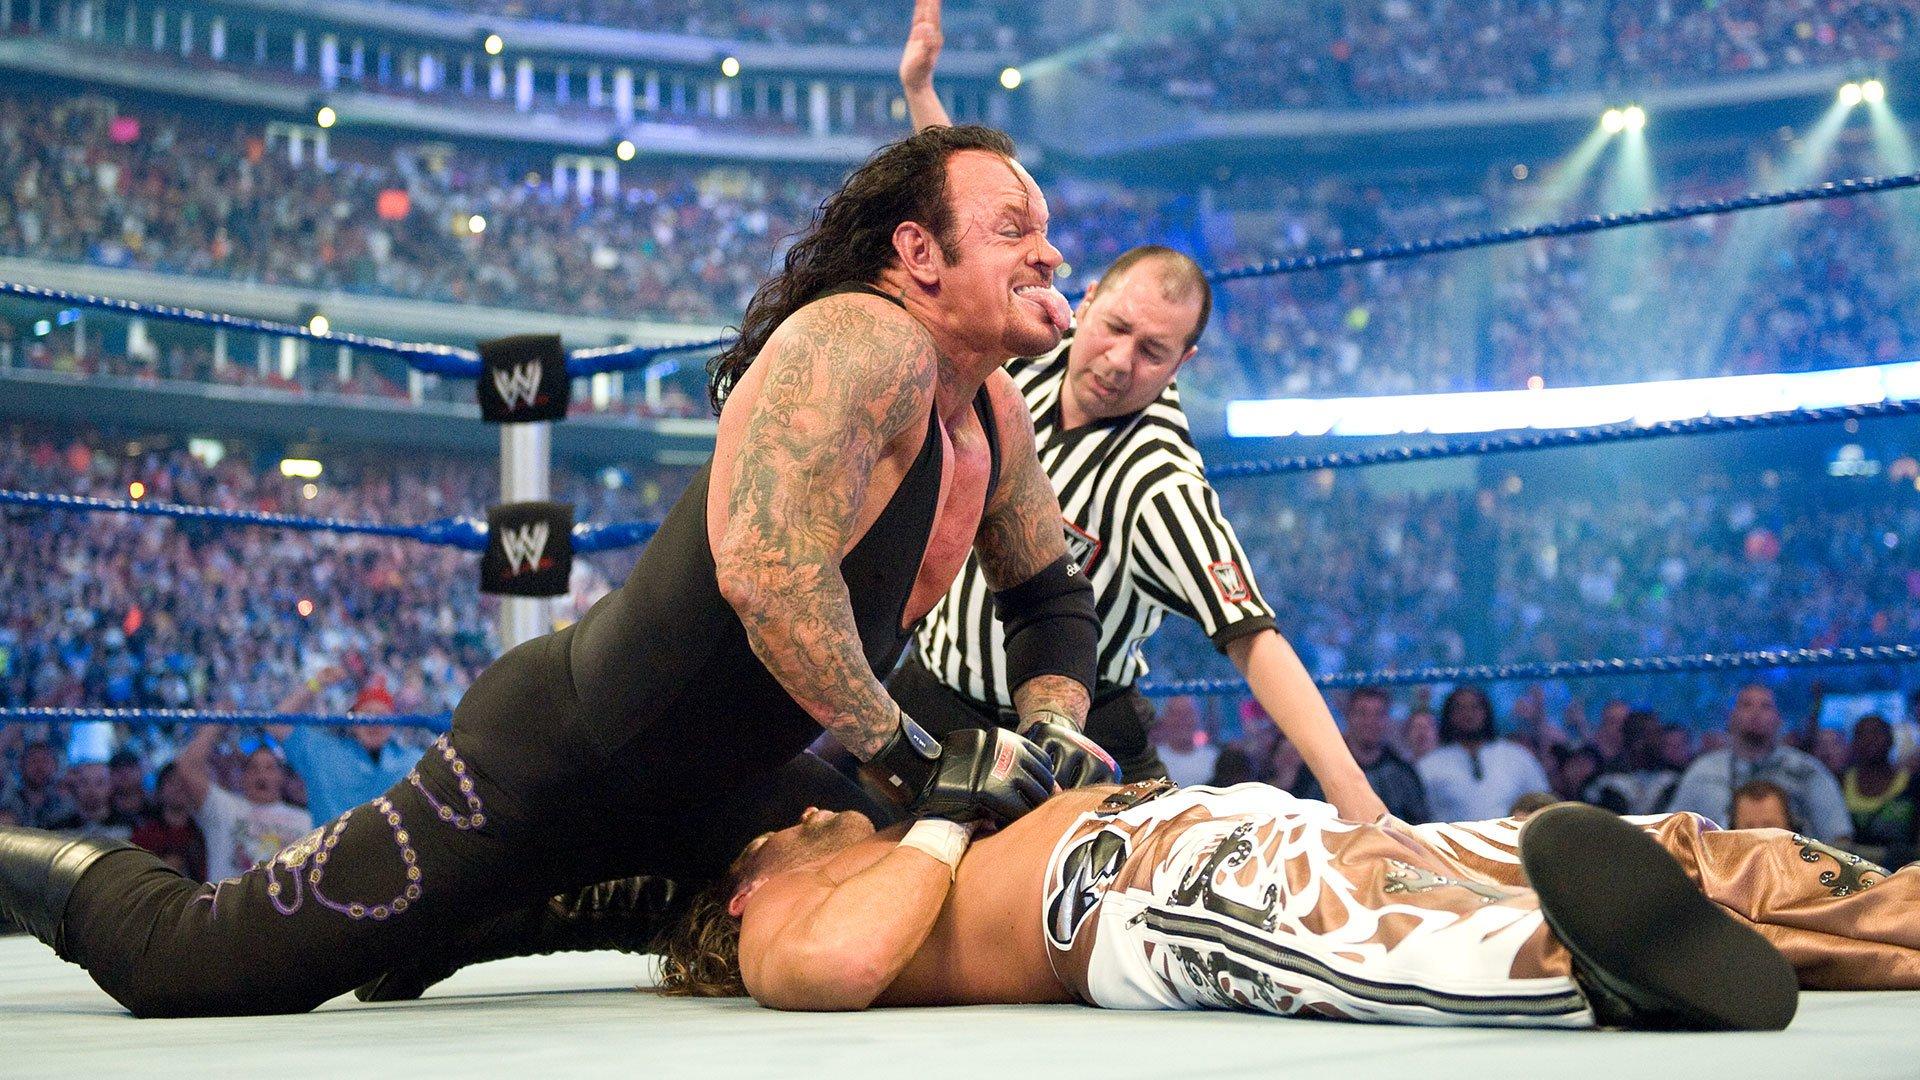 A Ras De Lona #185: WWE WrestleMania 25